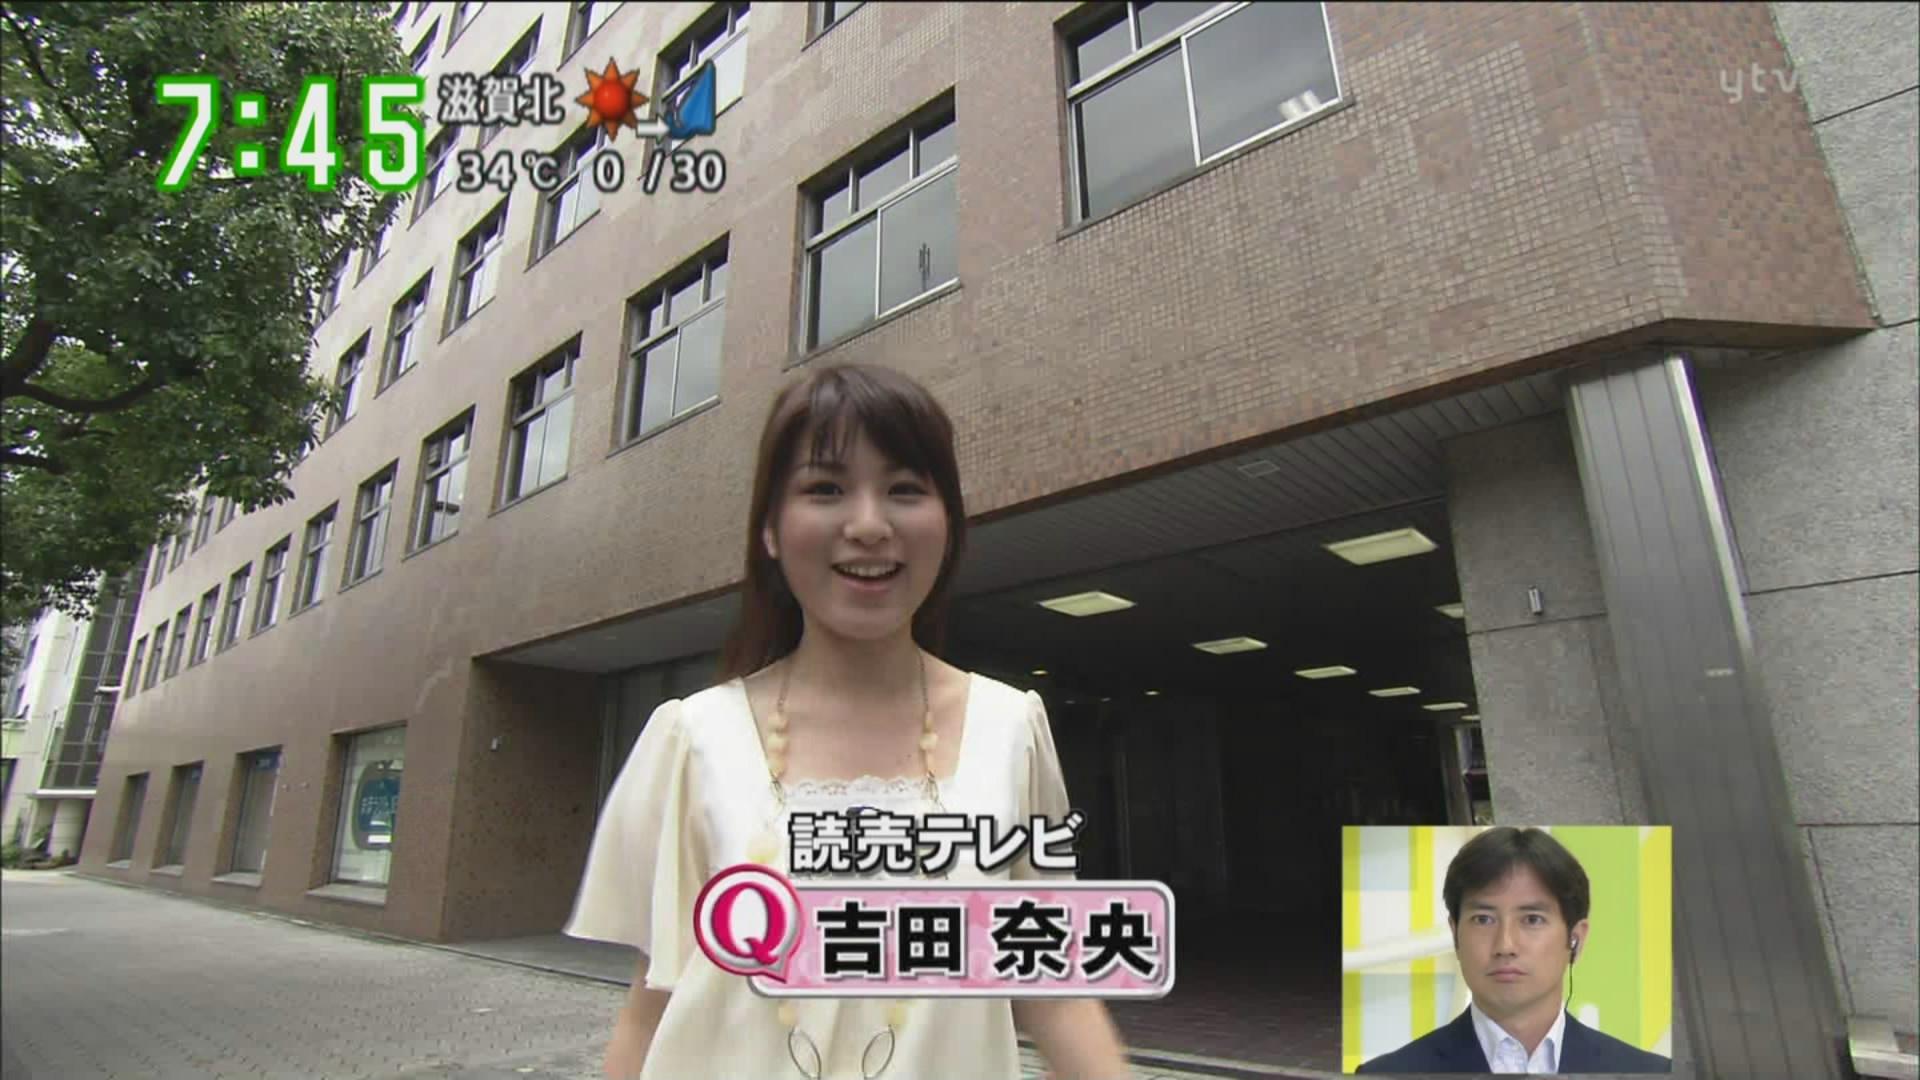 吉田奈央 (フリーアナウンサー)の画像 p1_21